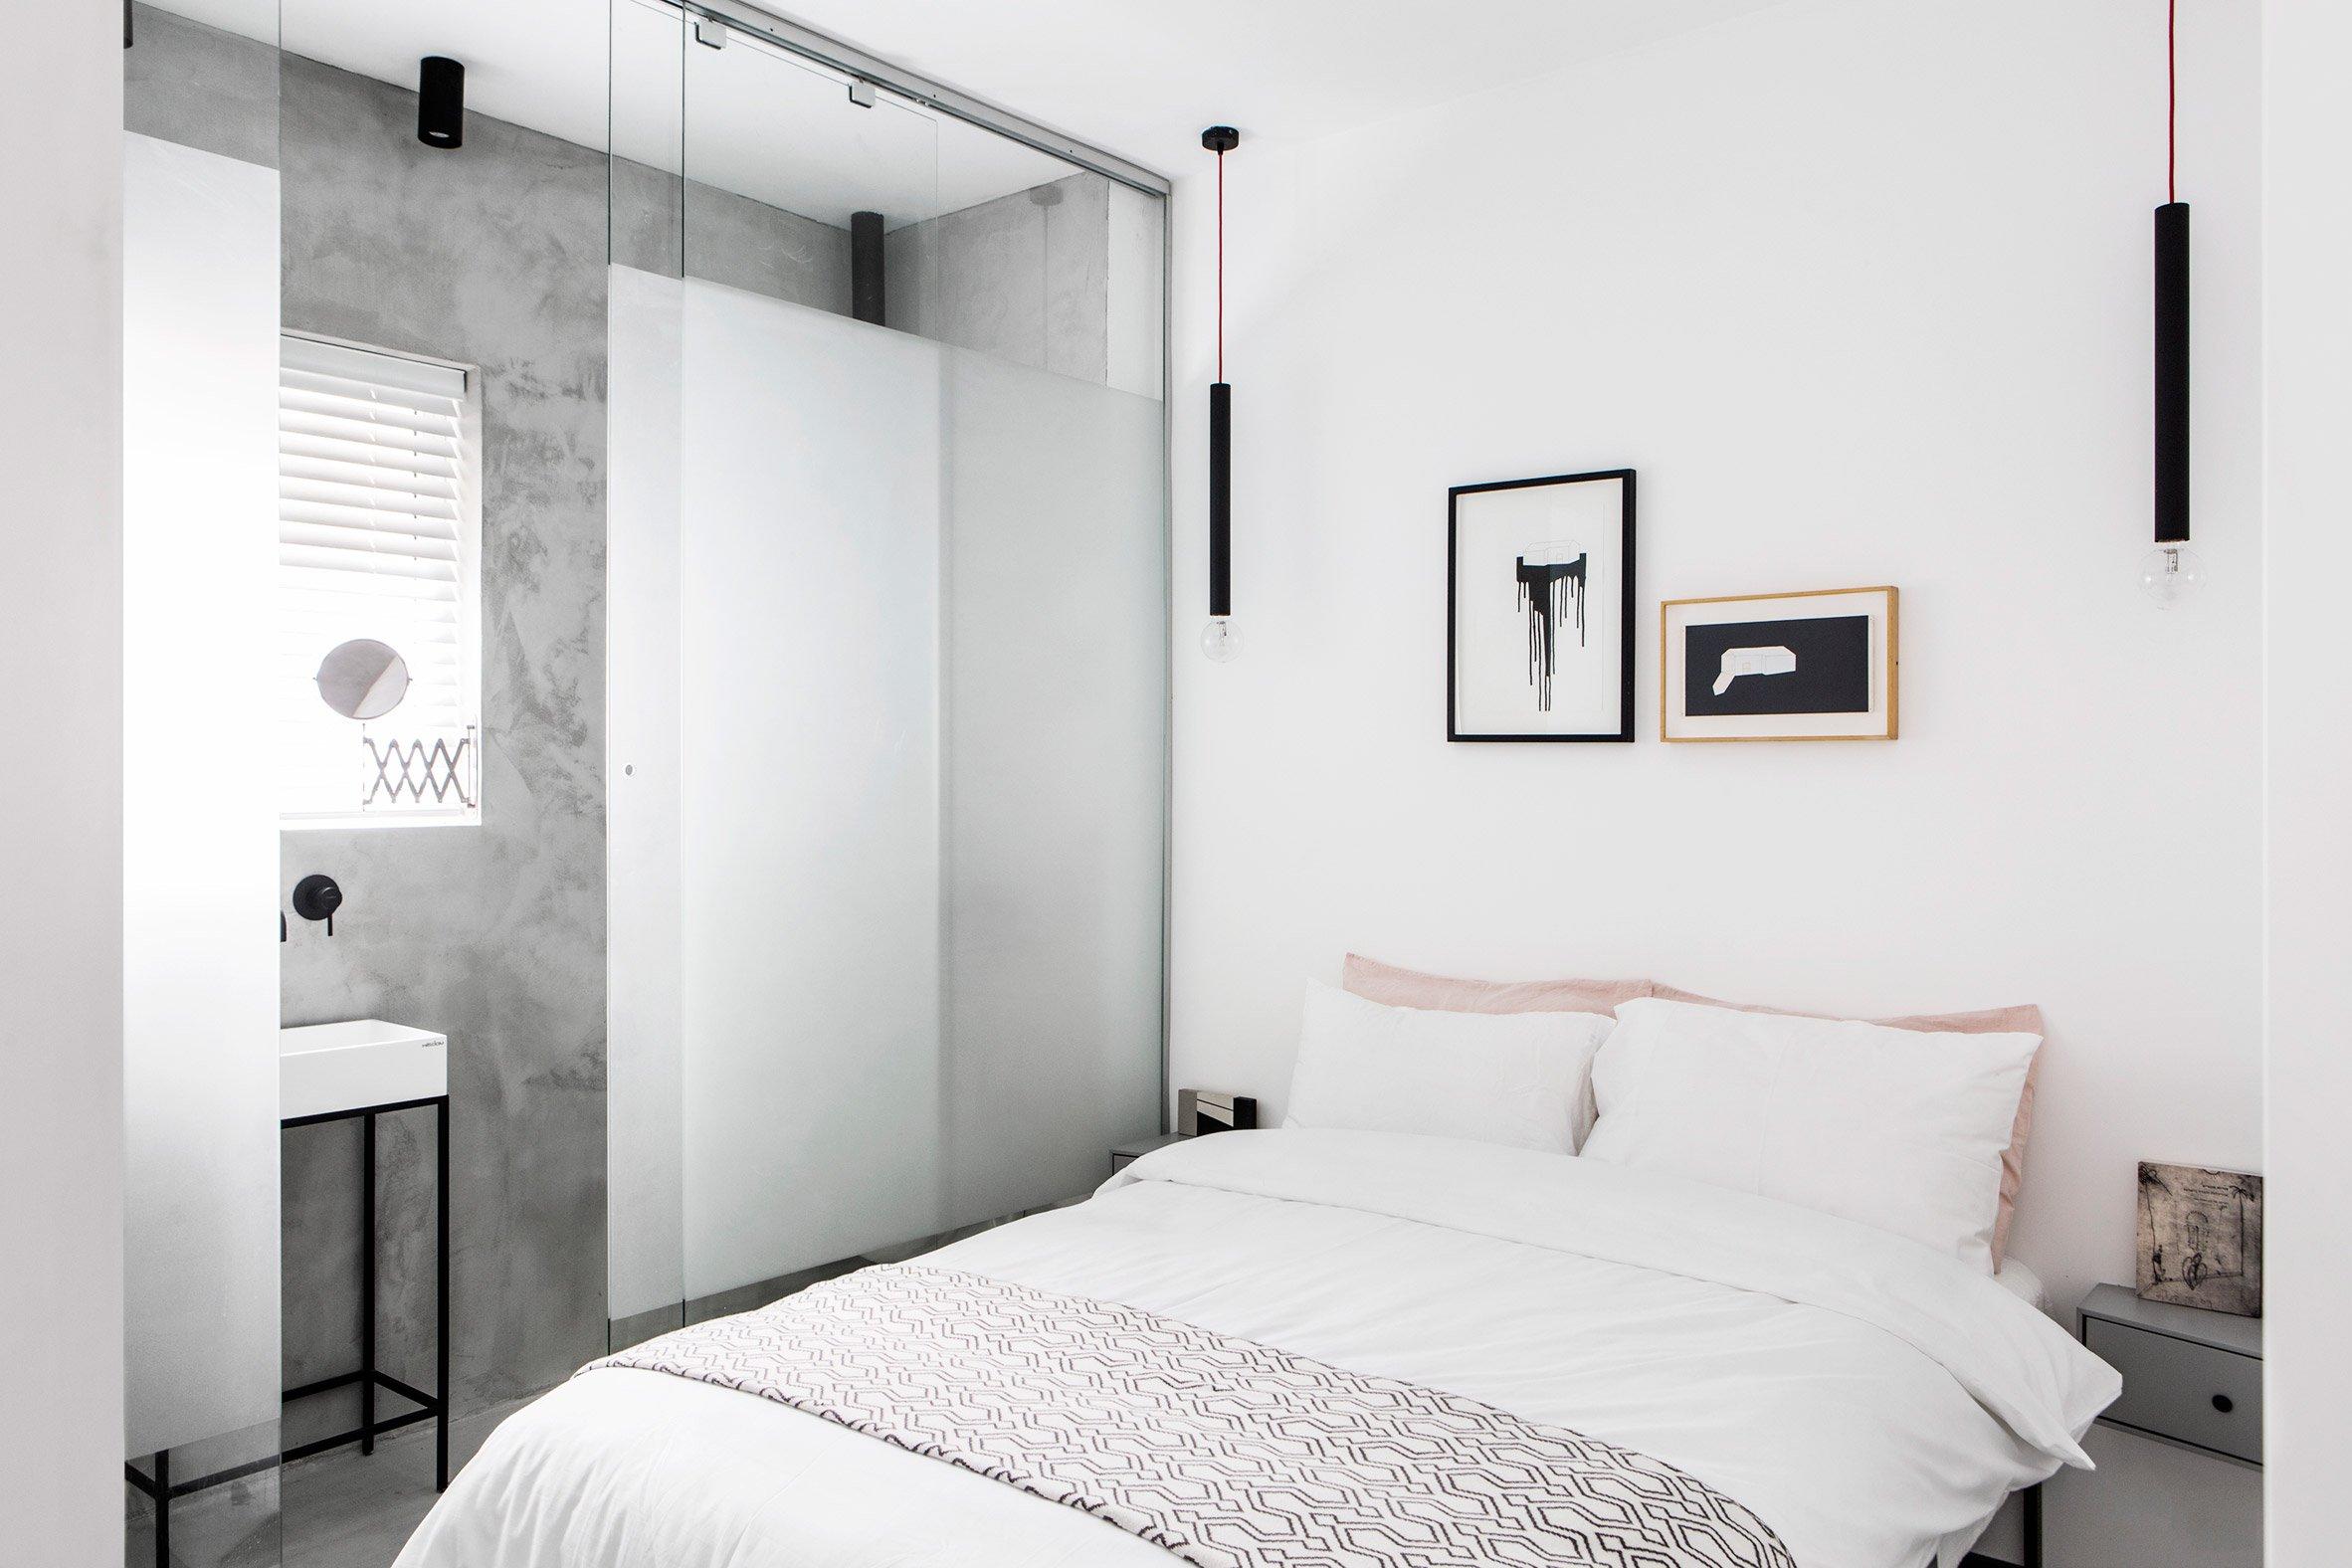 architecture_apartment_minimal_tel-aviv_design_studia_interiors_osnovadesign_osnova_poltava_09